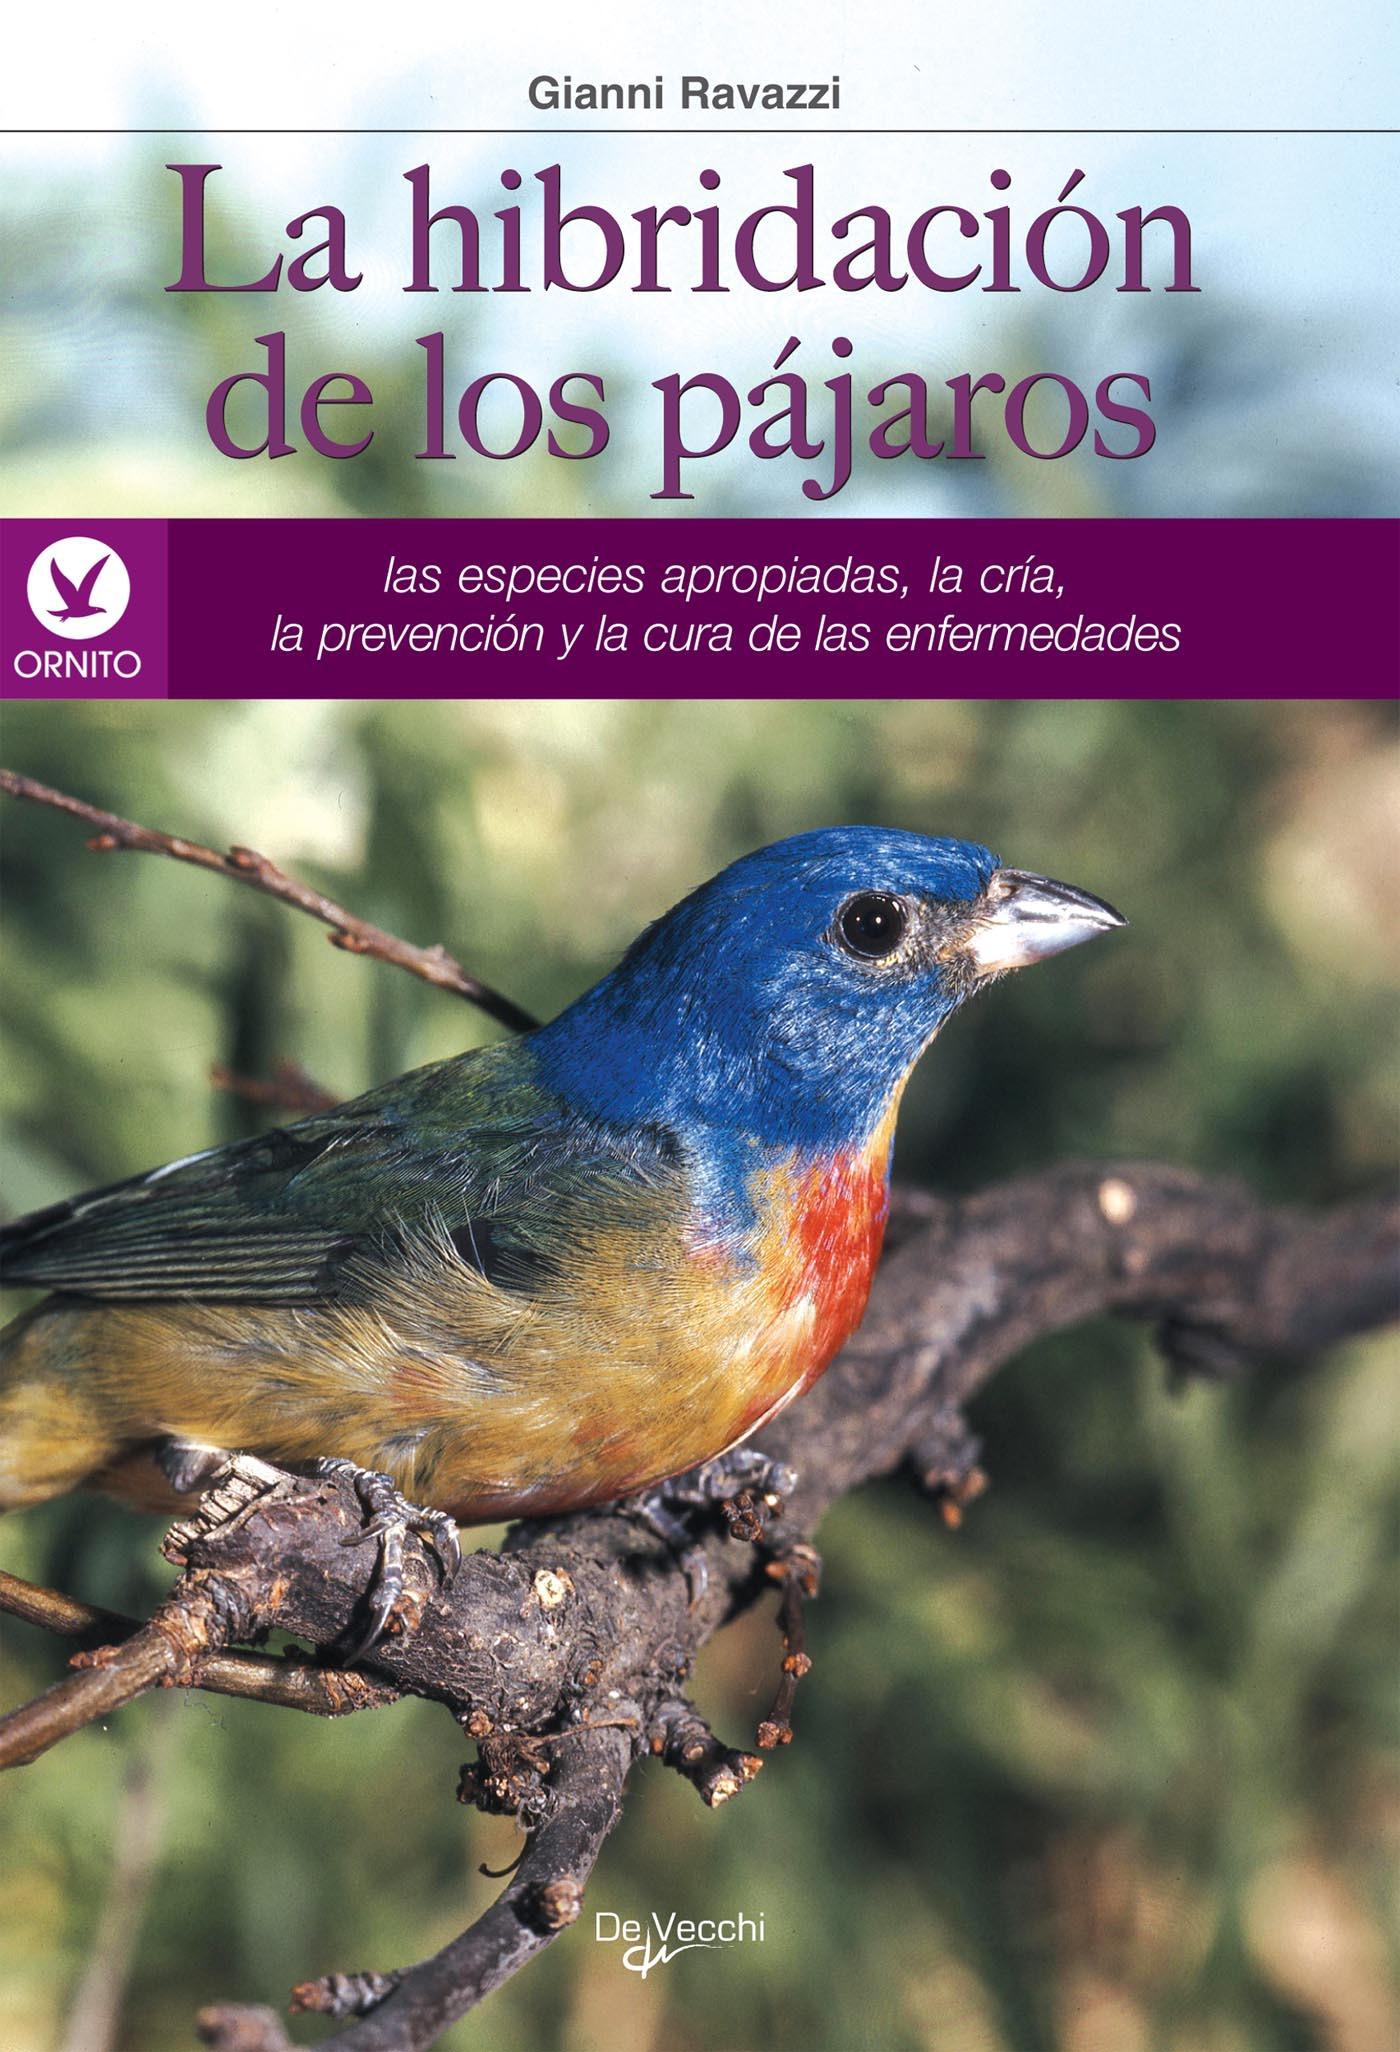 Ravazzi, Gianni - La hibridación de los pájaros, ebook